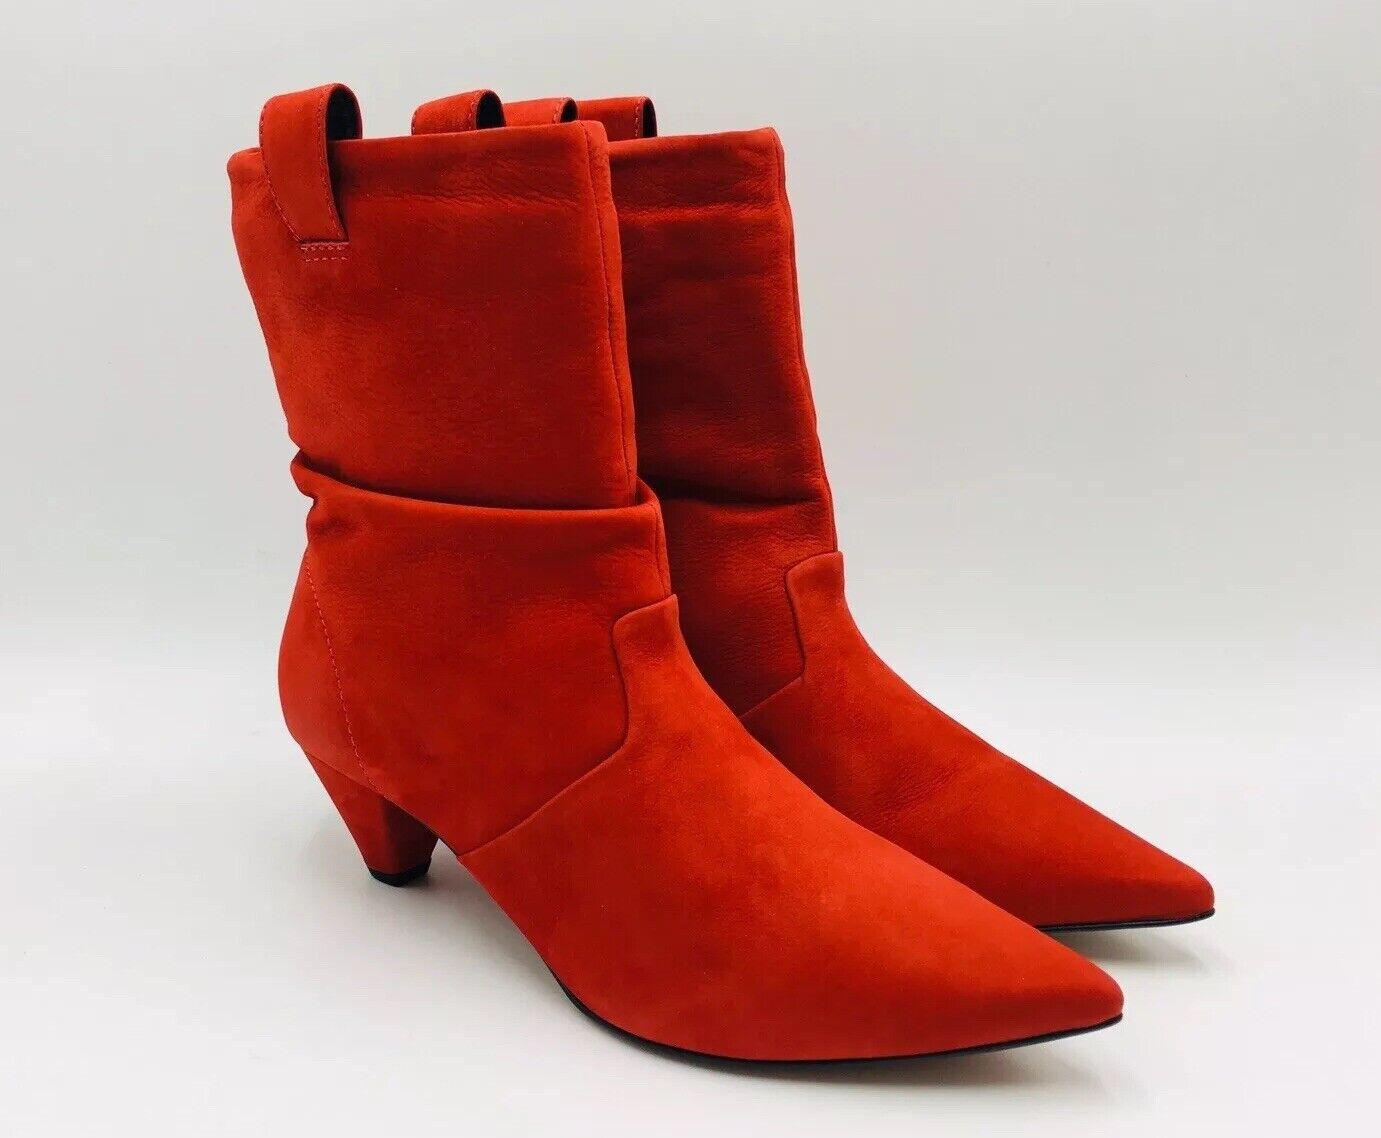 Lf La Vida Para Mujeres Ciruela tirar-en botín occidental M Rojo, precio de venta sugerido por el fabricante